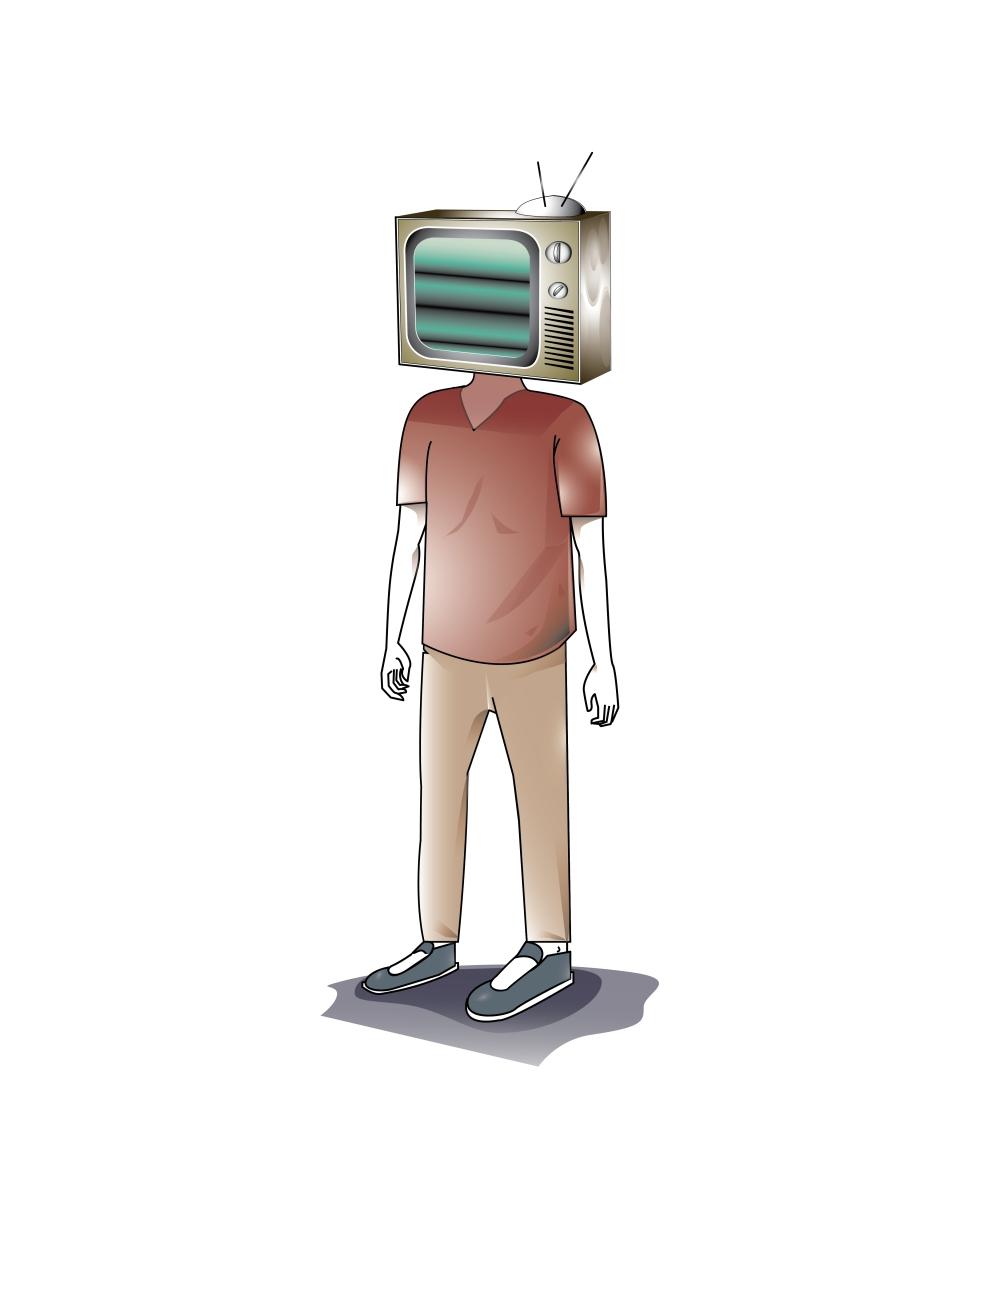 tvhead-01